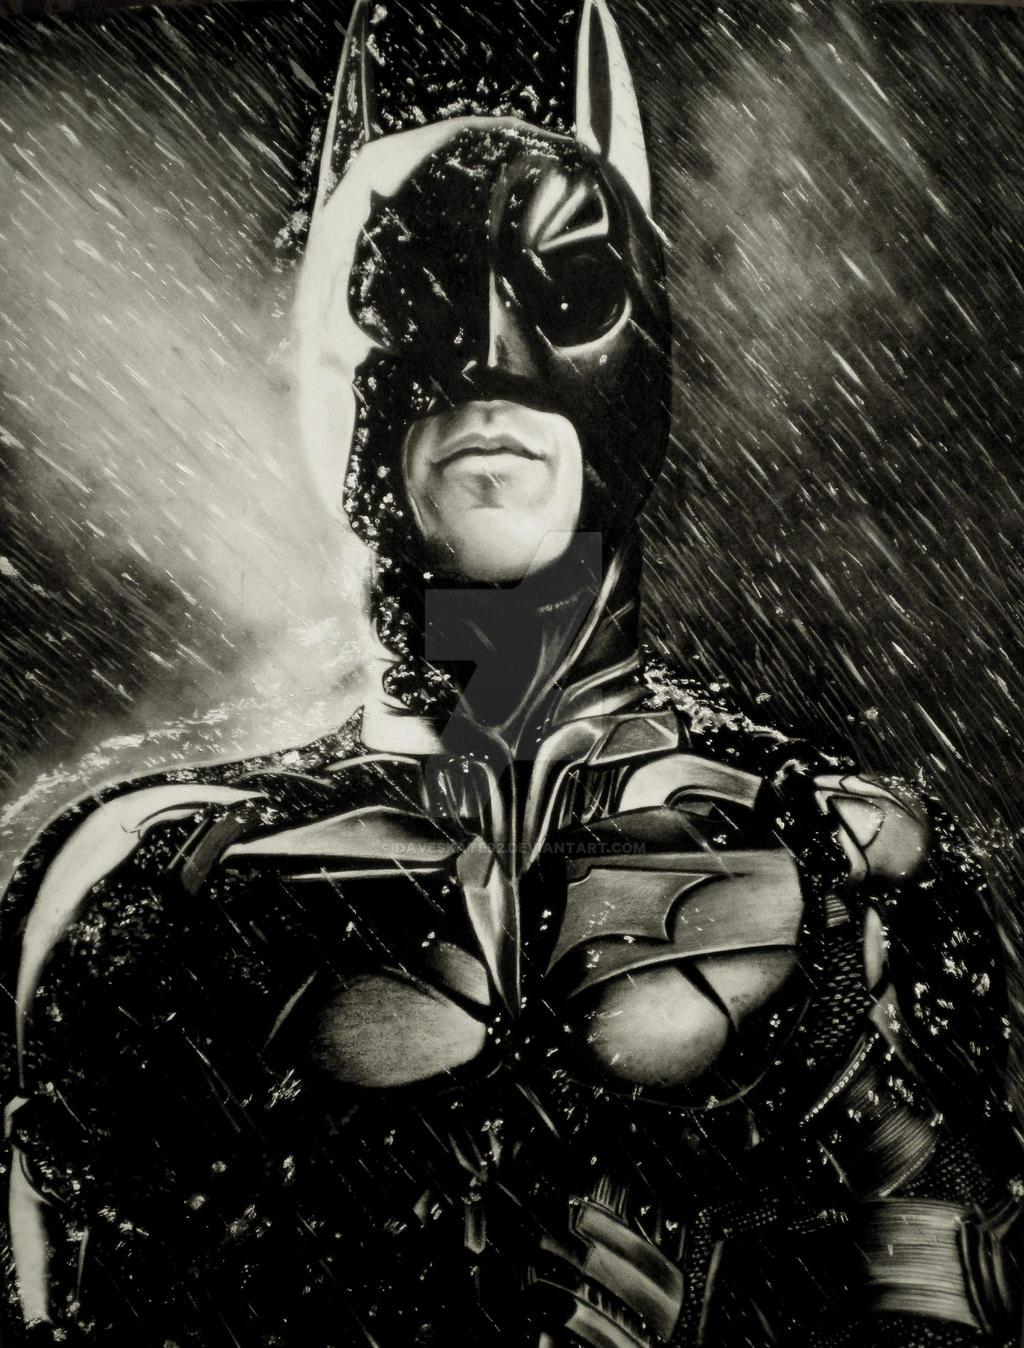 The Dark Knight by DaveSkate92